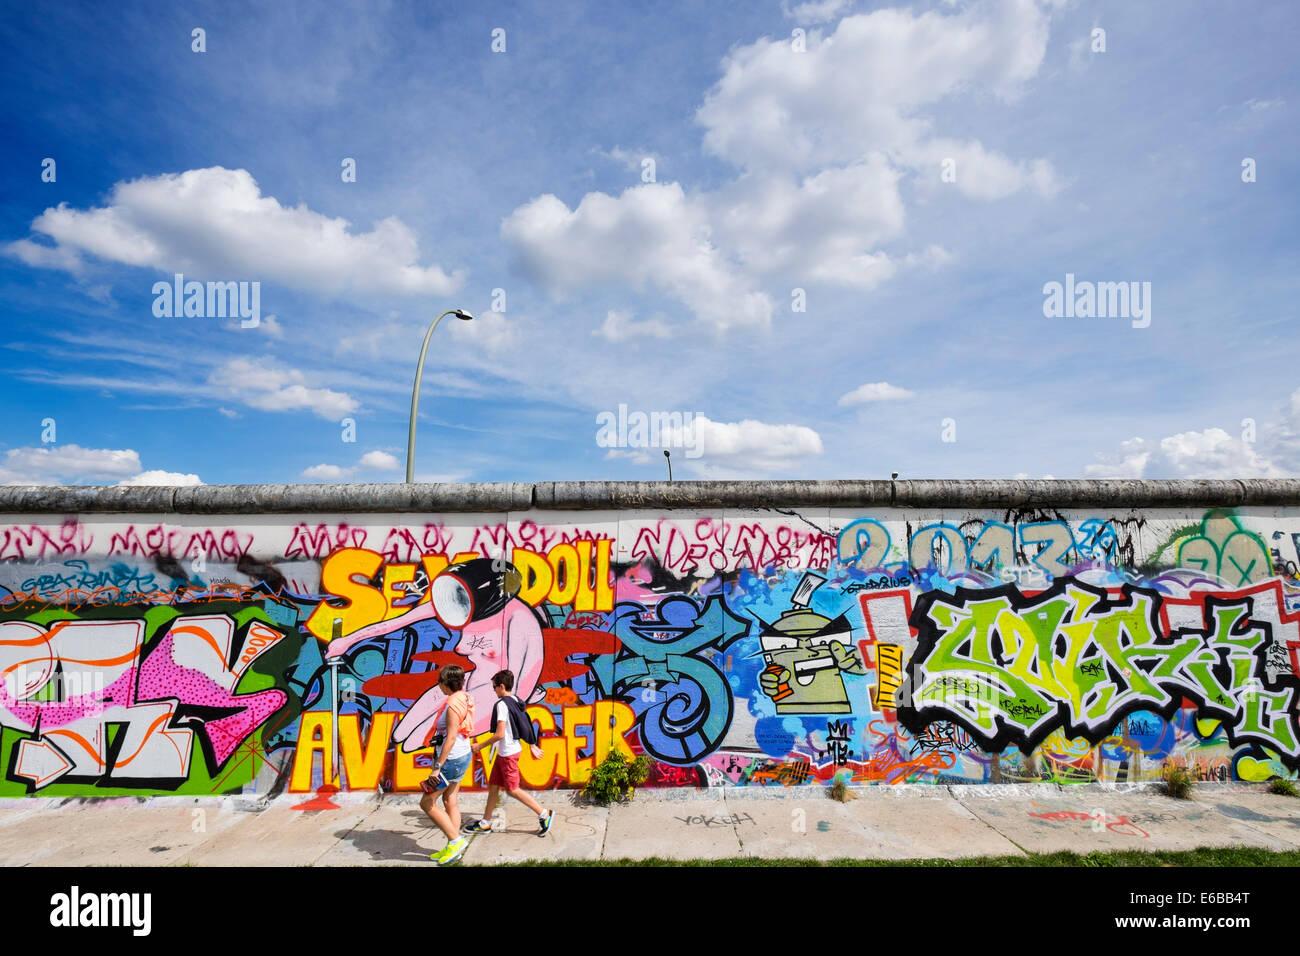 Wandansicht Berlin; Graffiti auf ursprünglichen Abschnitt der Berliner Mauer in der East Side Gallery in Friedrichshain Stockbild